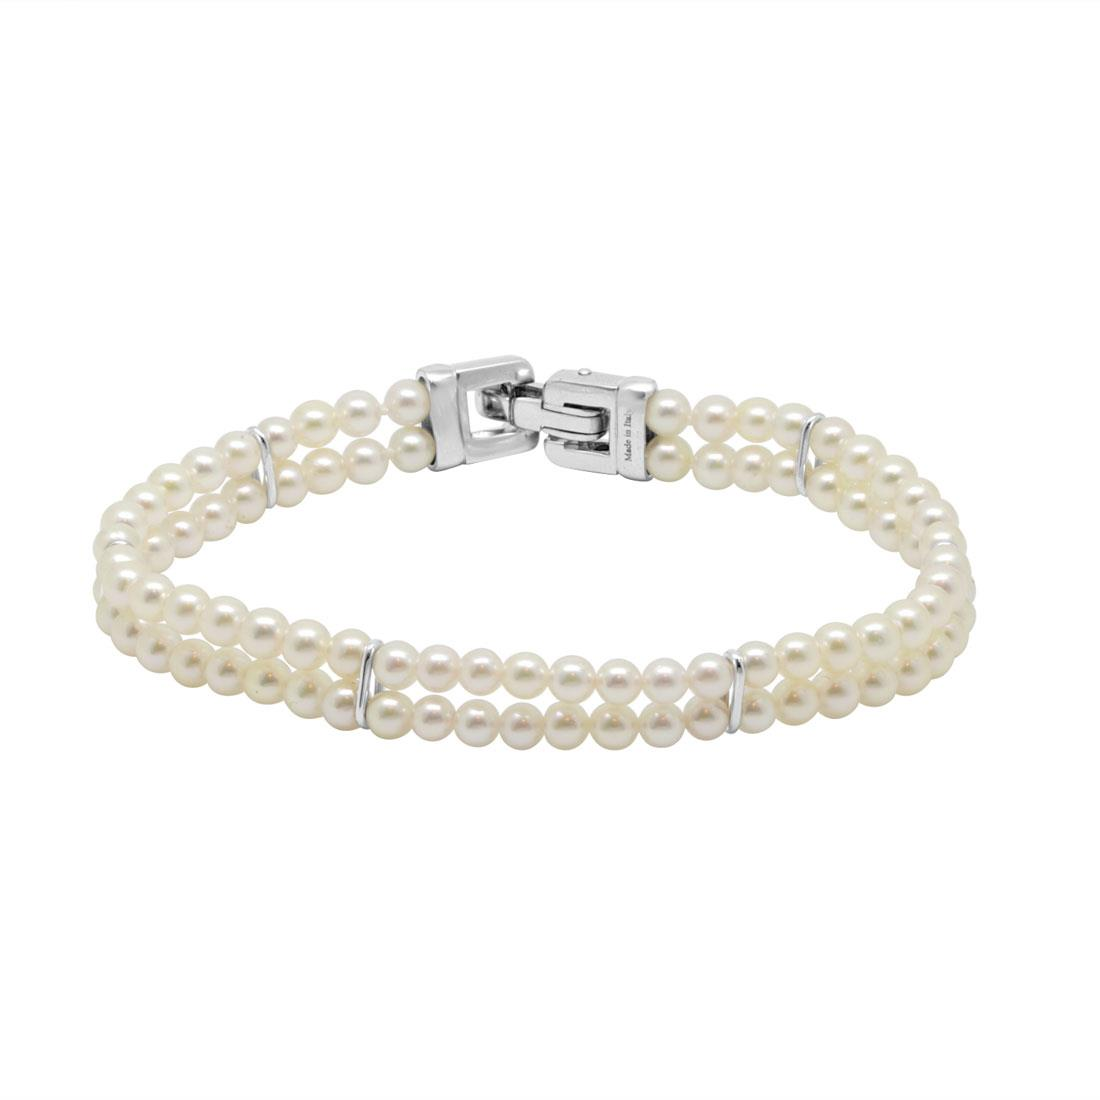 Bracciale di perle 2 fili e oro bianco - SALVINI